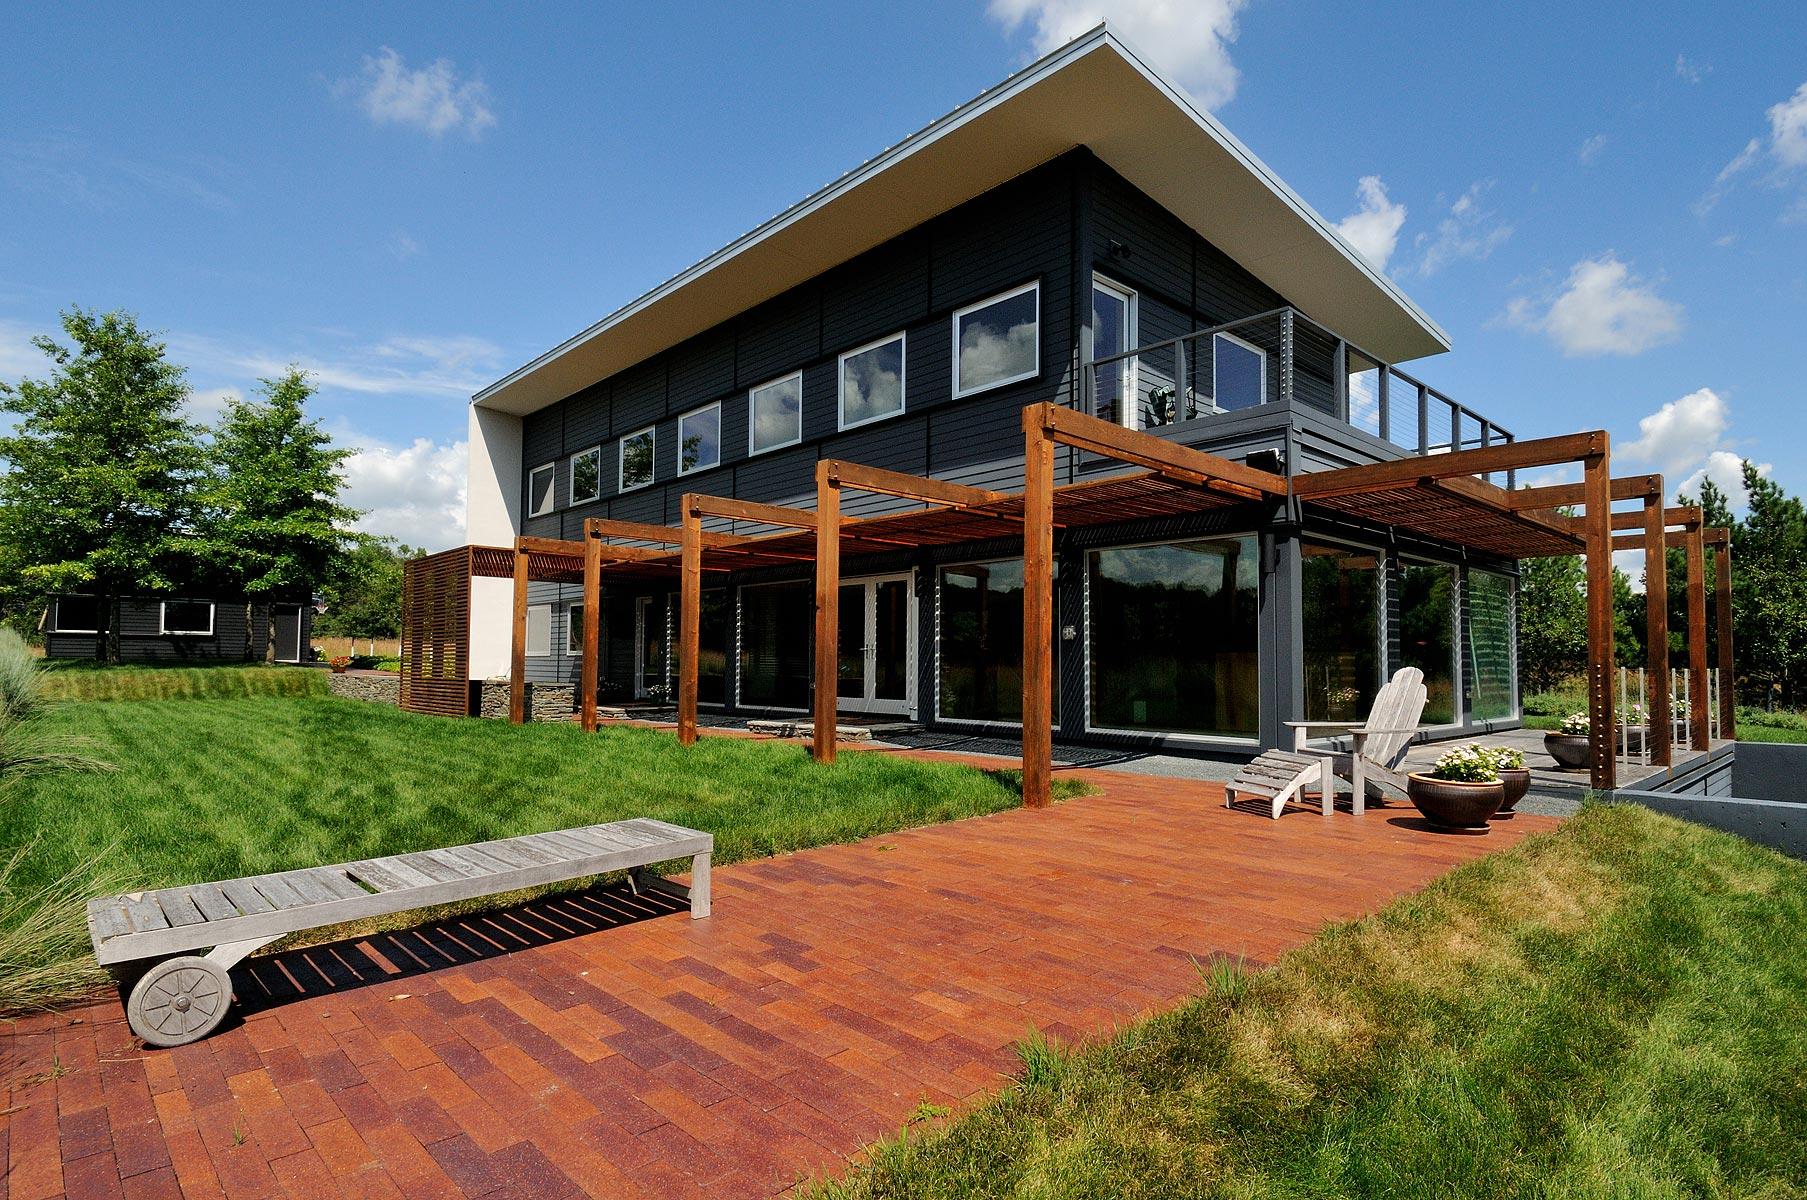 prairie-house-number2-Altus-6443-adj.jpg